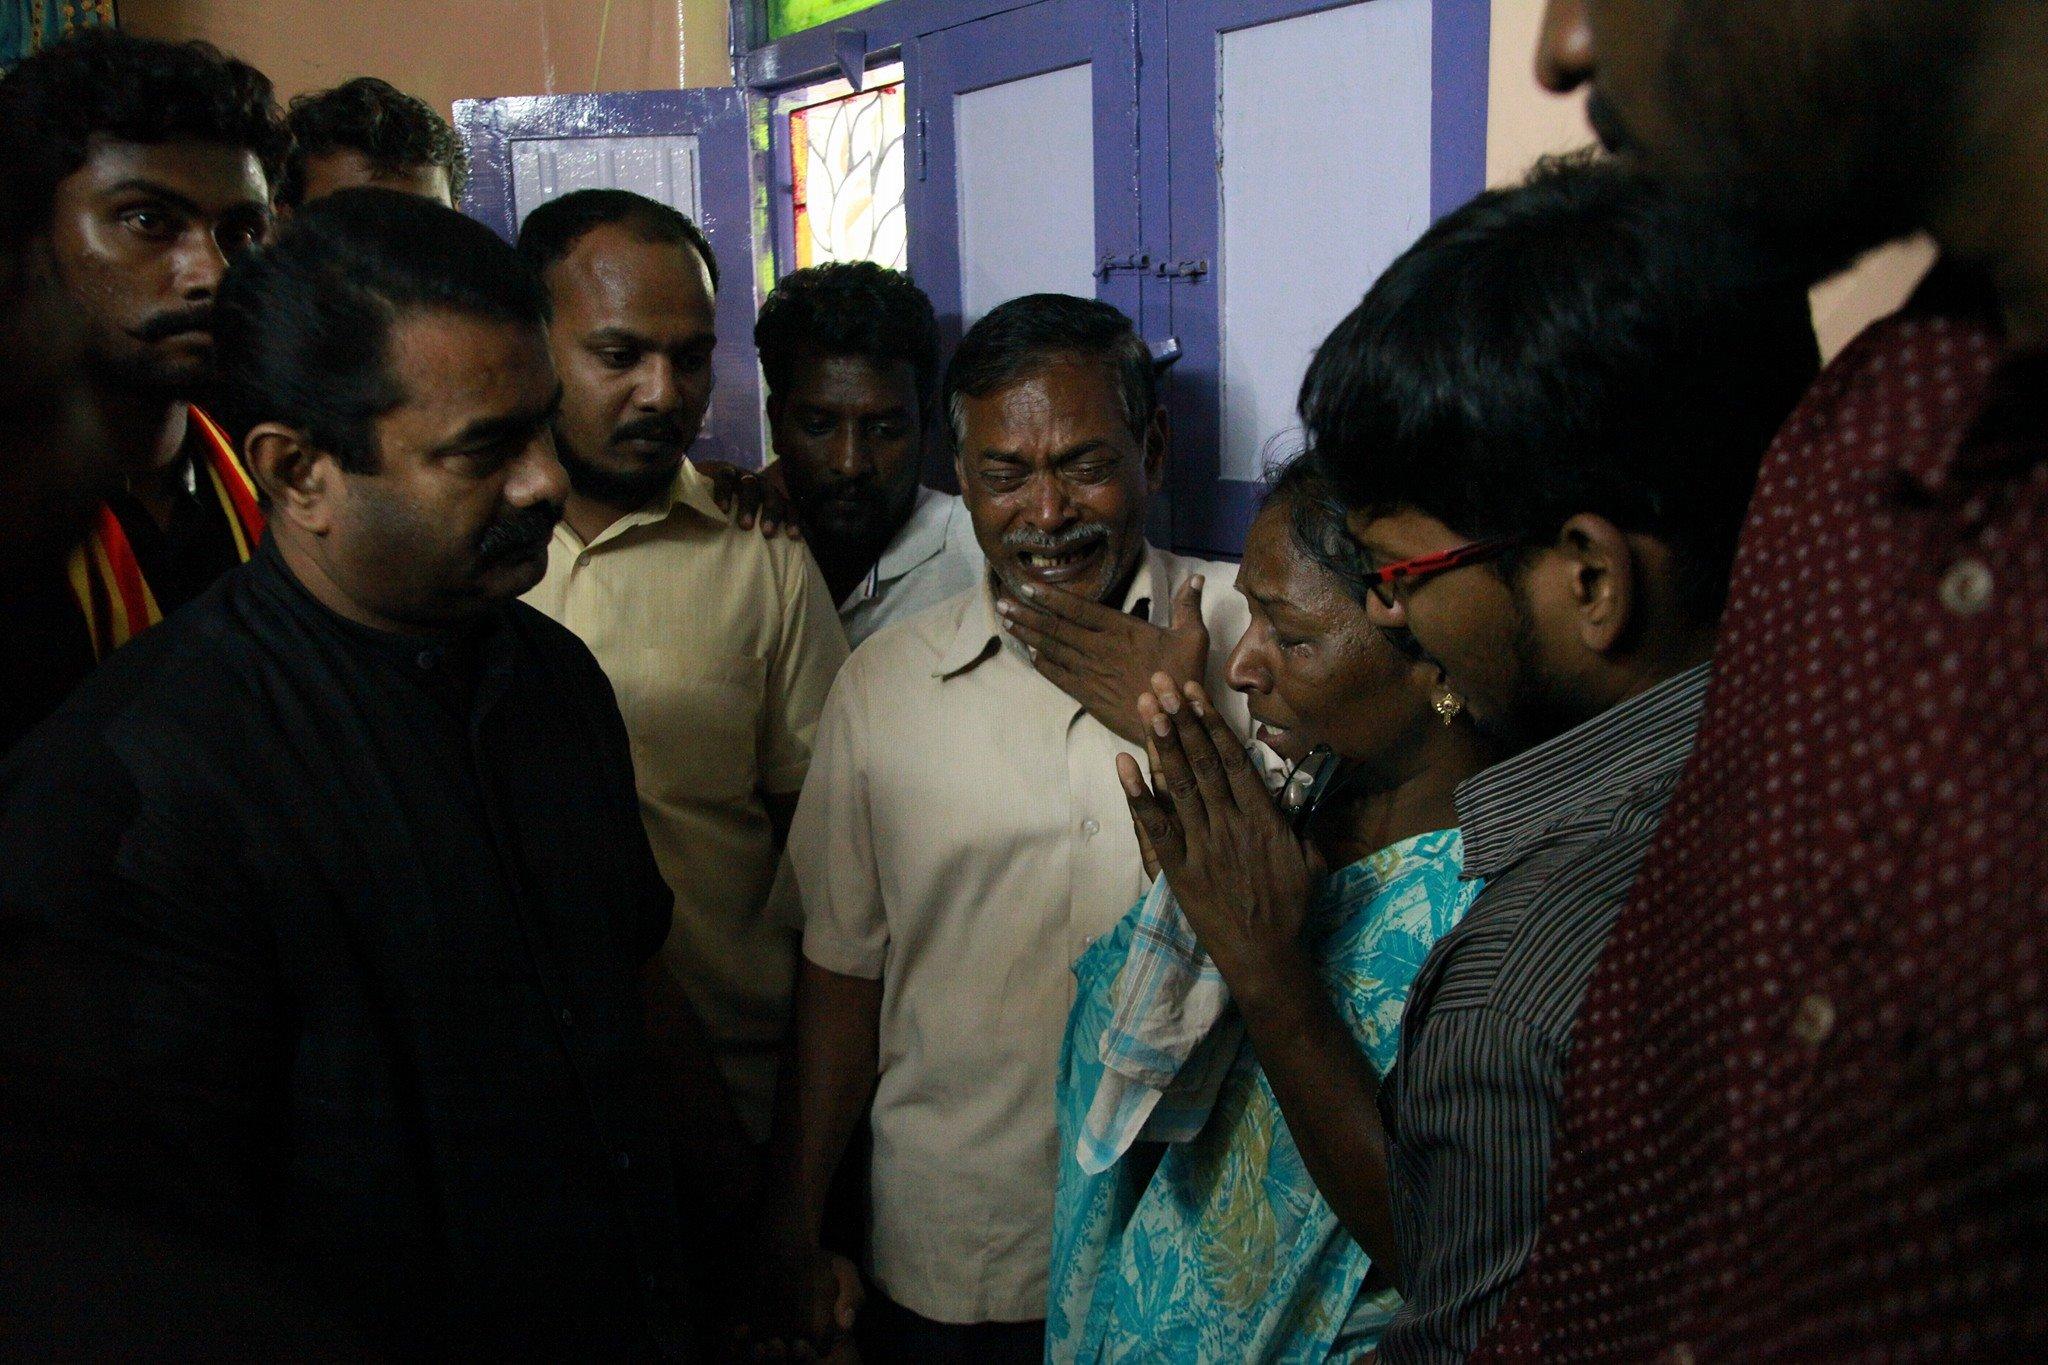 சாதி-மத ஒடுக்குமுறையால் கலைக்கல்லூரி மாணவர் பிரகாஷ் தற்கொலை: குடும்பத்தினருக்கு சீமான் நேரில் ஆறுதல்